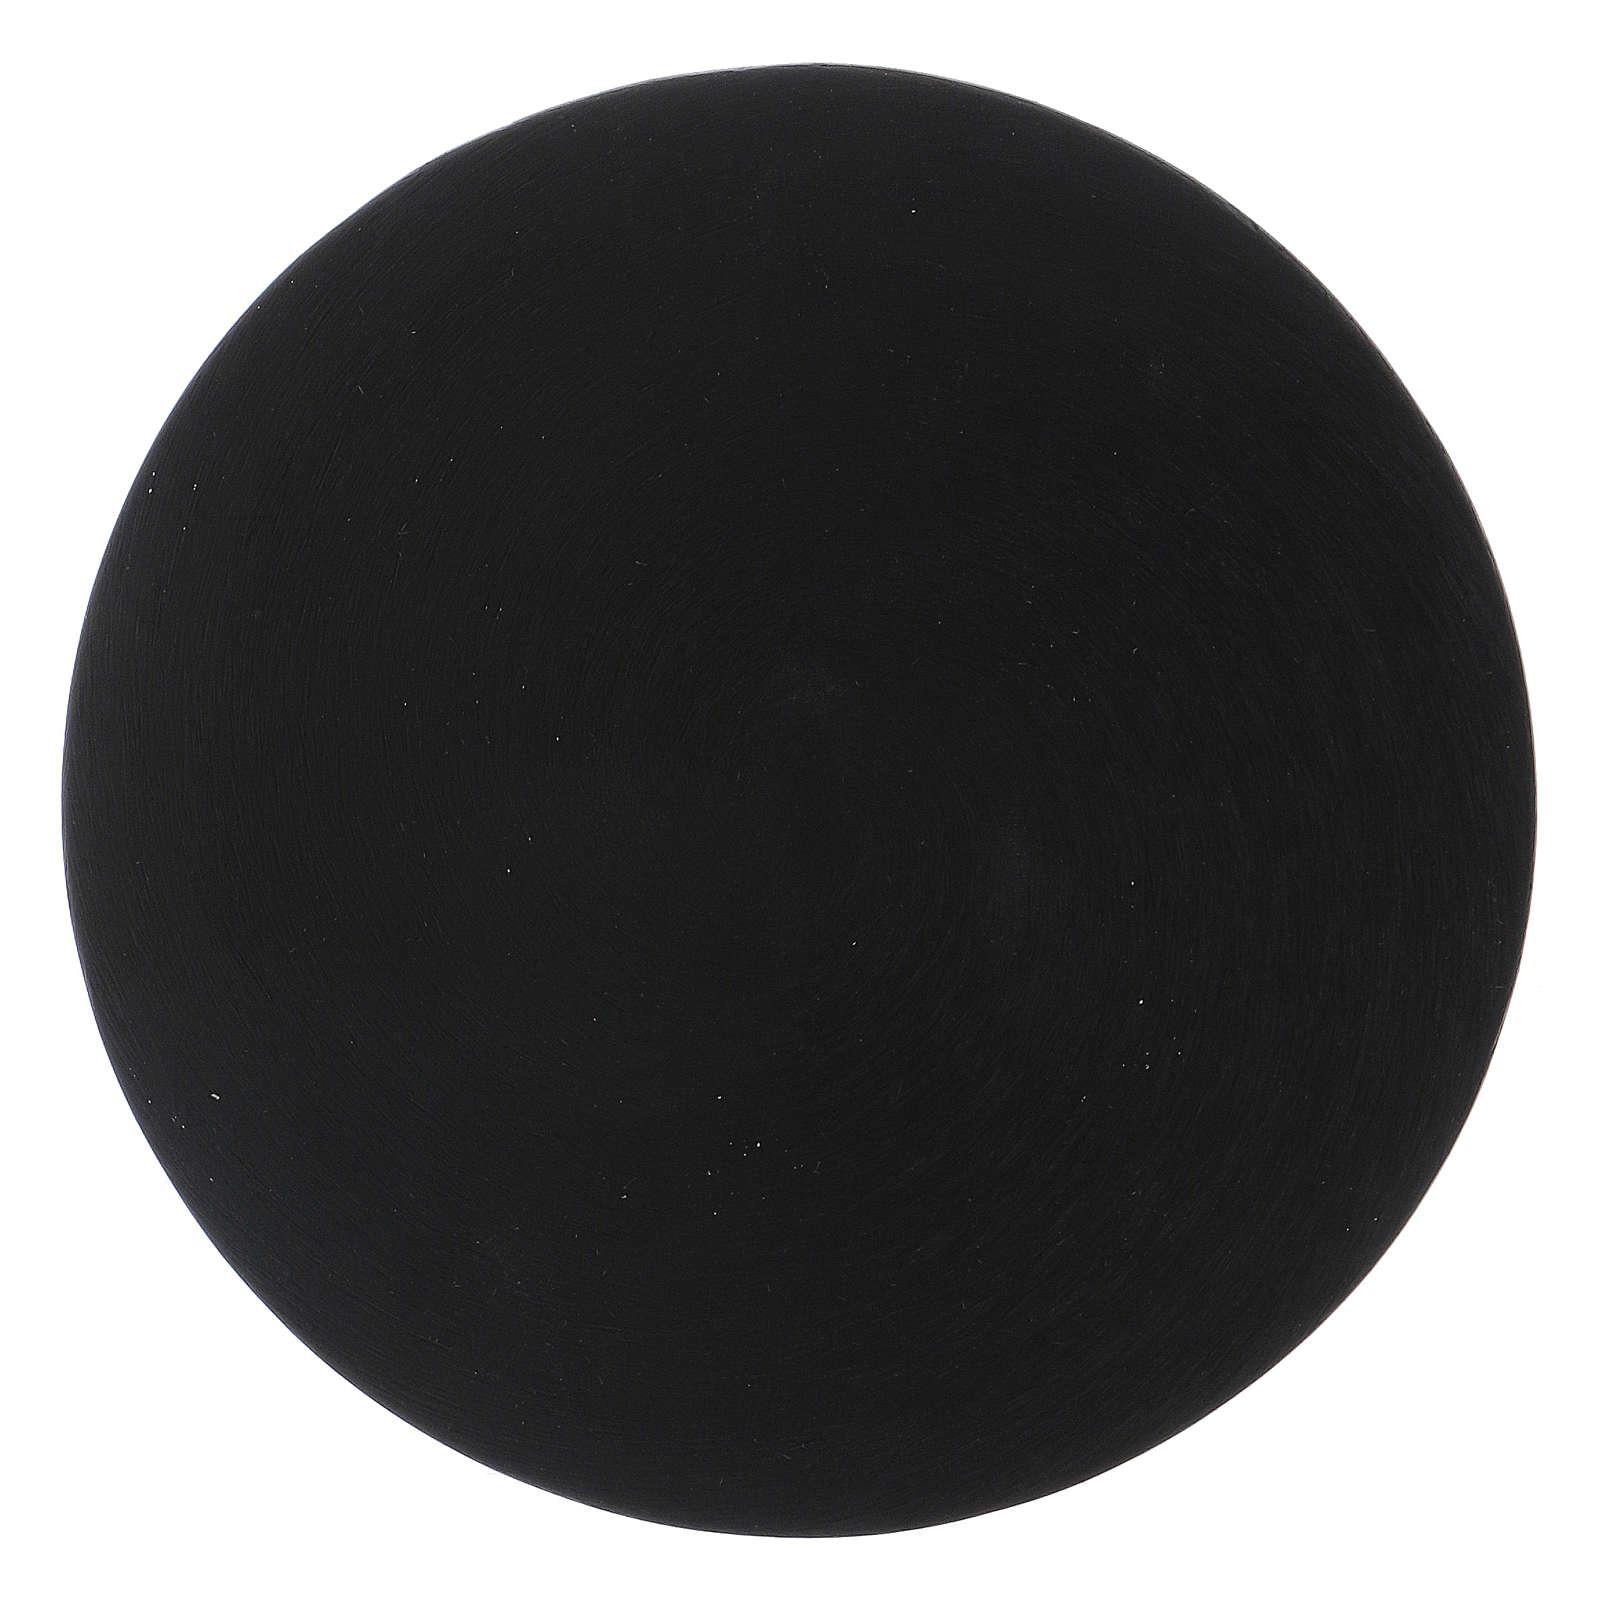 Prato porta-vela em alumínio preto 3